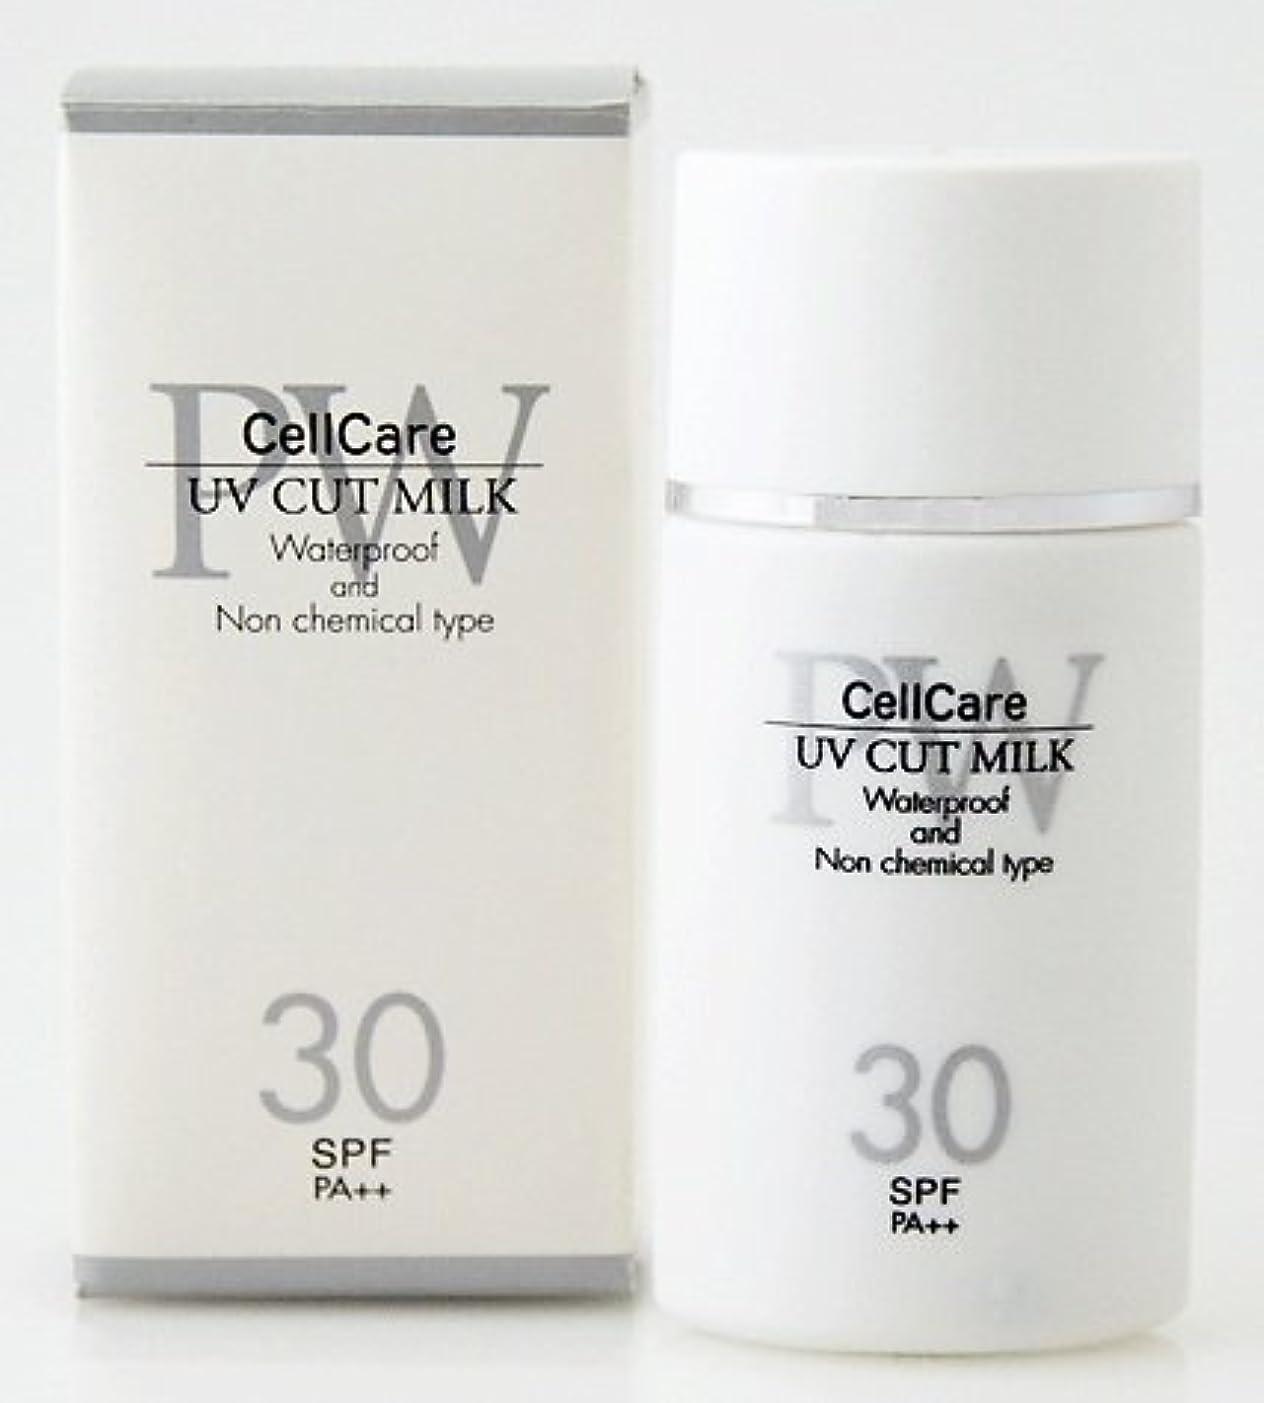 着飾る努力するバケットセルケア ピュアホワイト UVカットミルク 30g(日焼け止め乳液) SPF30 PA++ 保湿